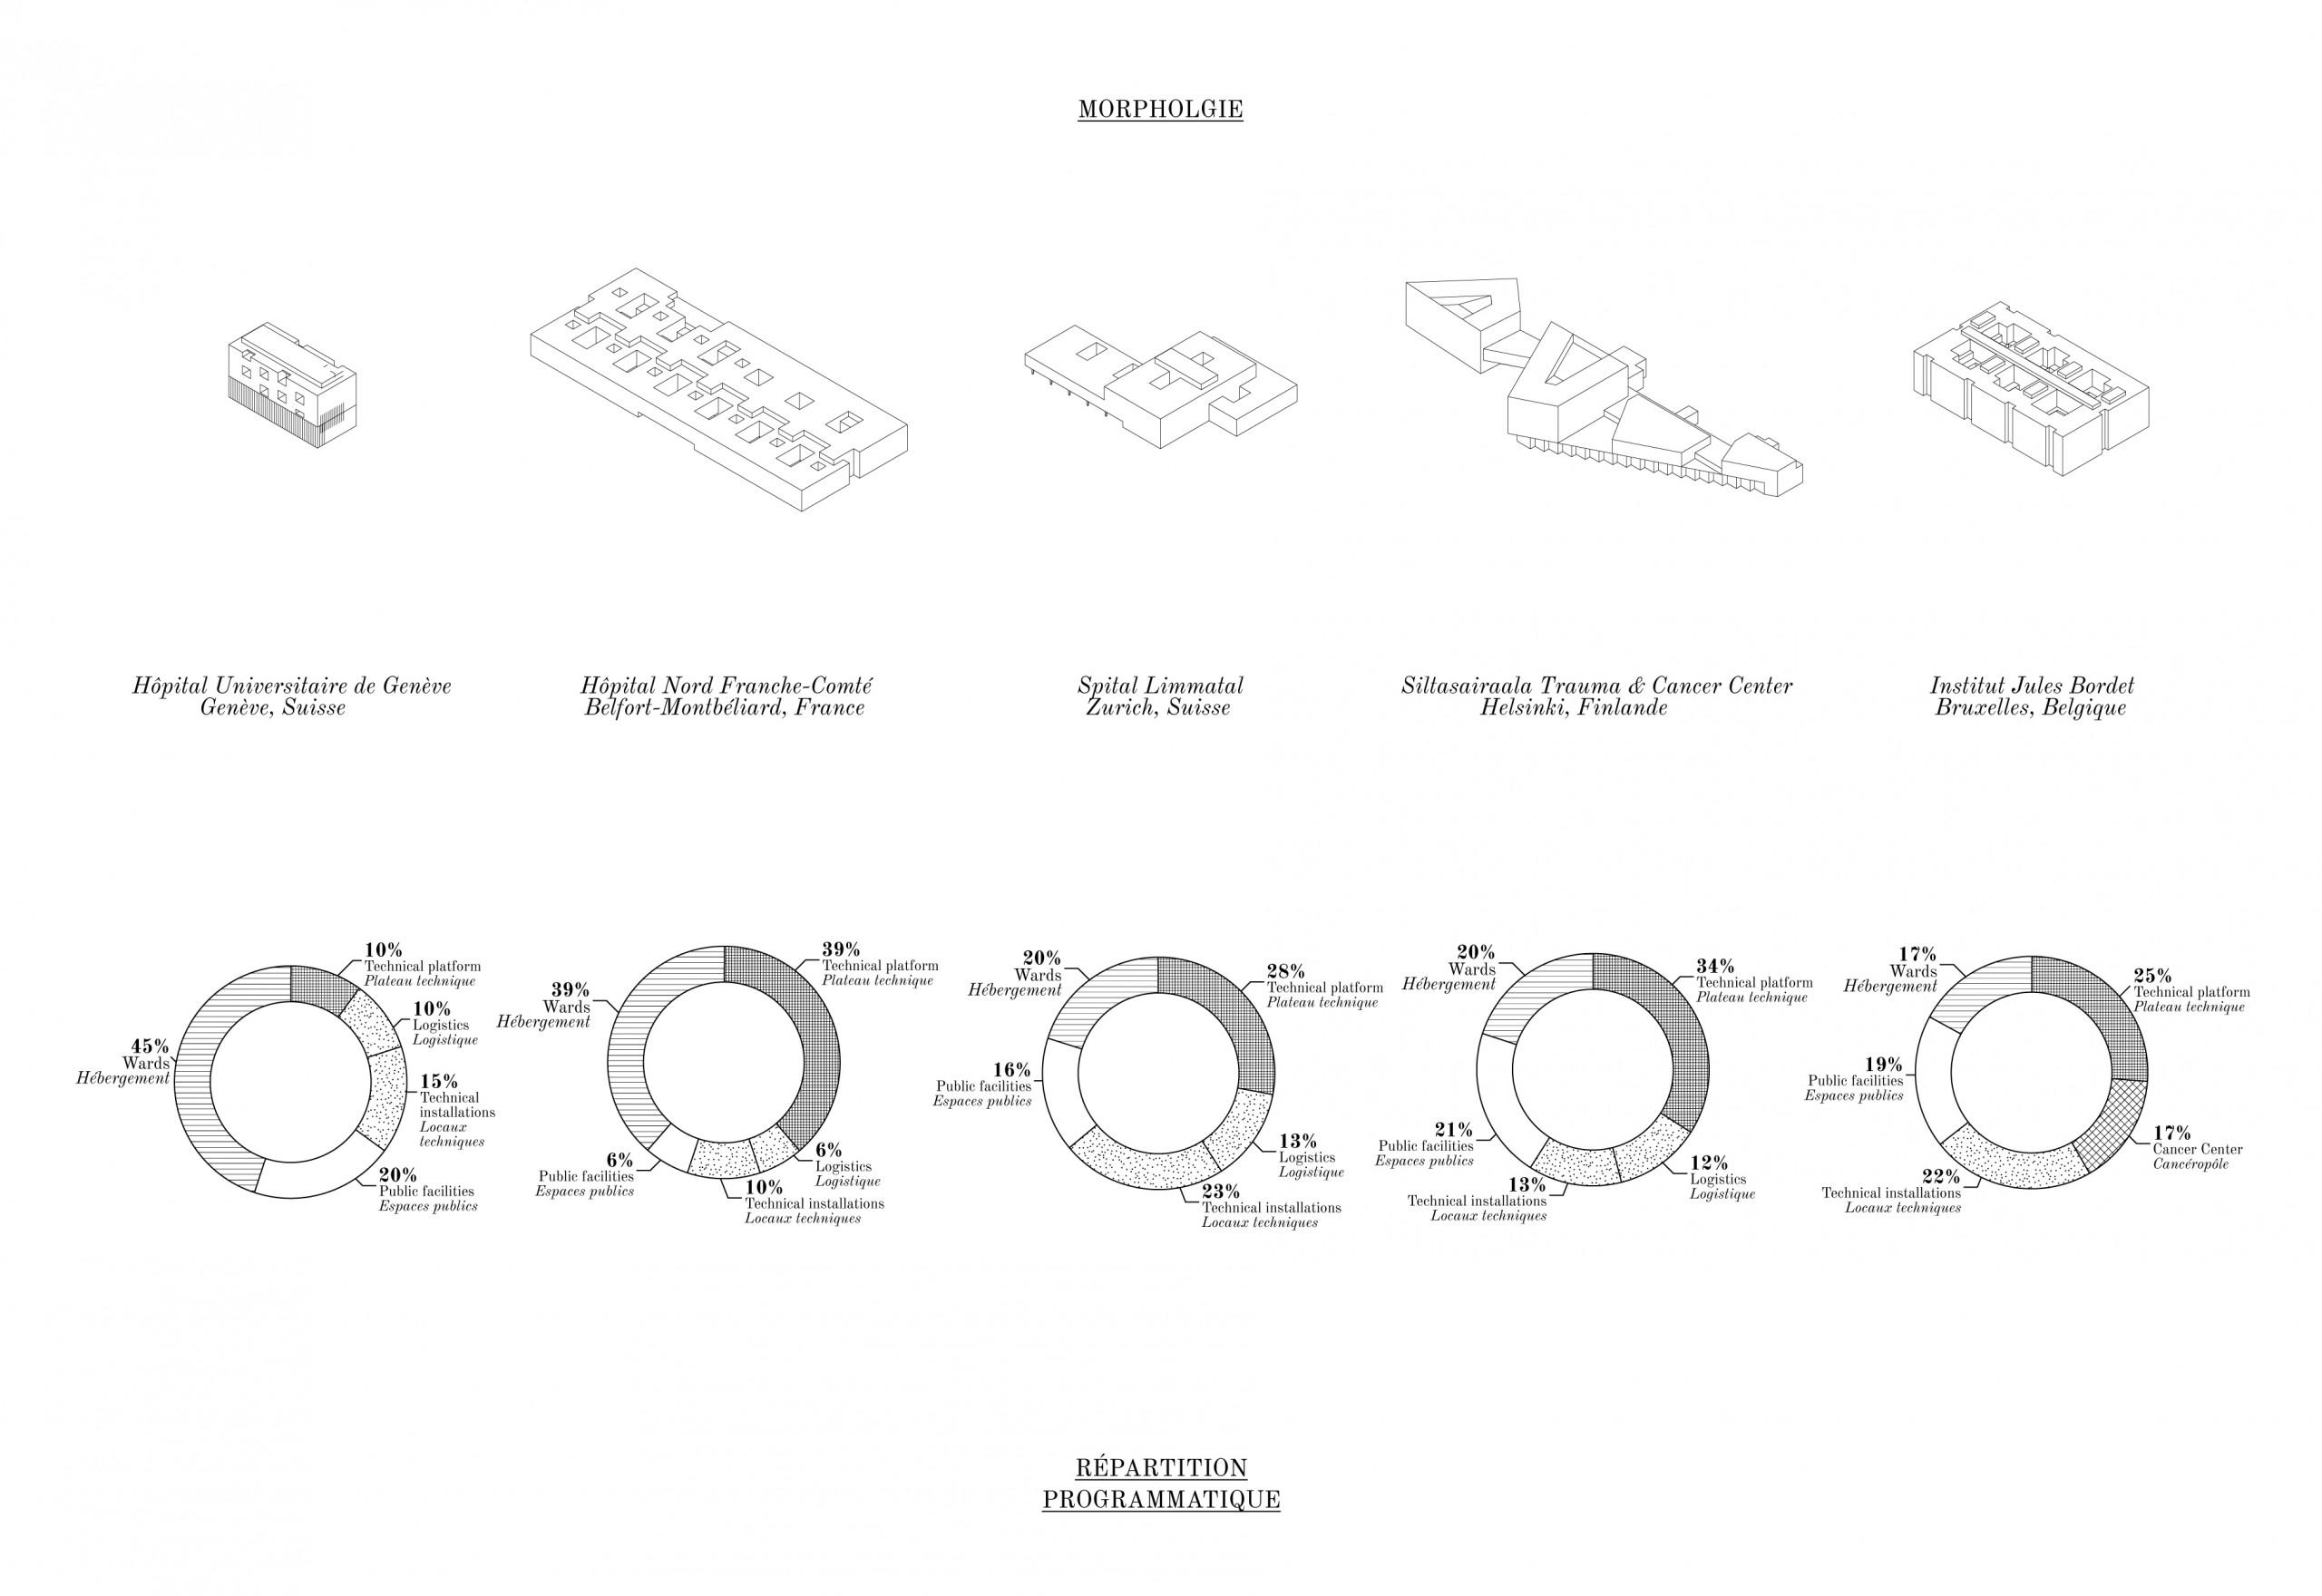 Extrait de l'ouvrage Phylum H, Brunet Saunier Architecture on Healthcare, Ed. Hatje Cantz, Berlin, 2020.